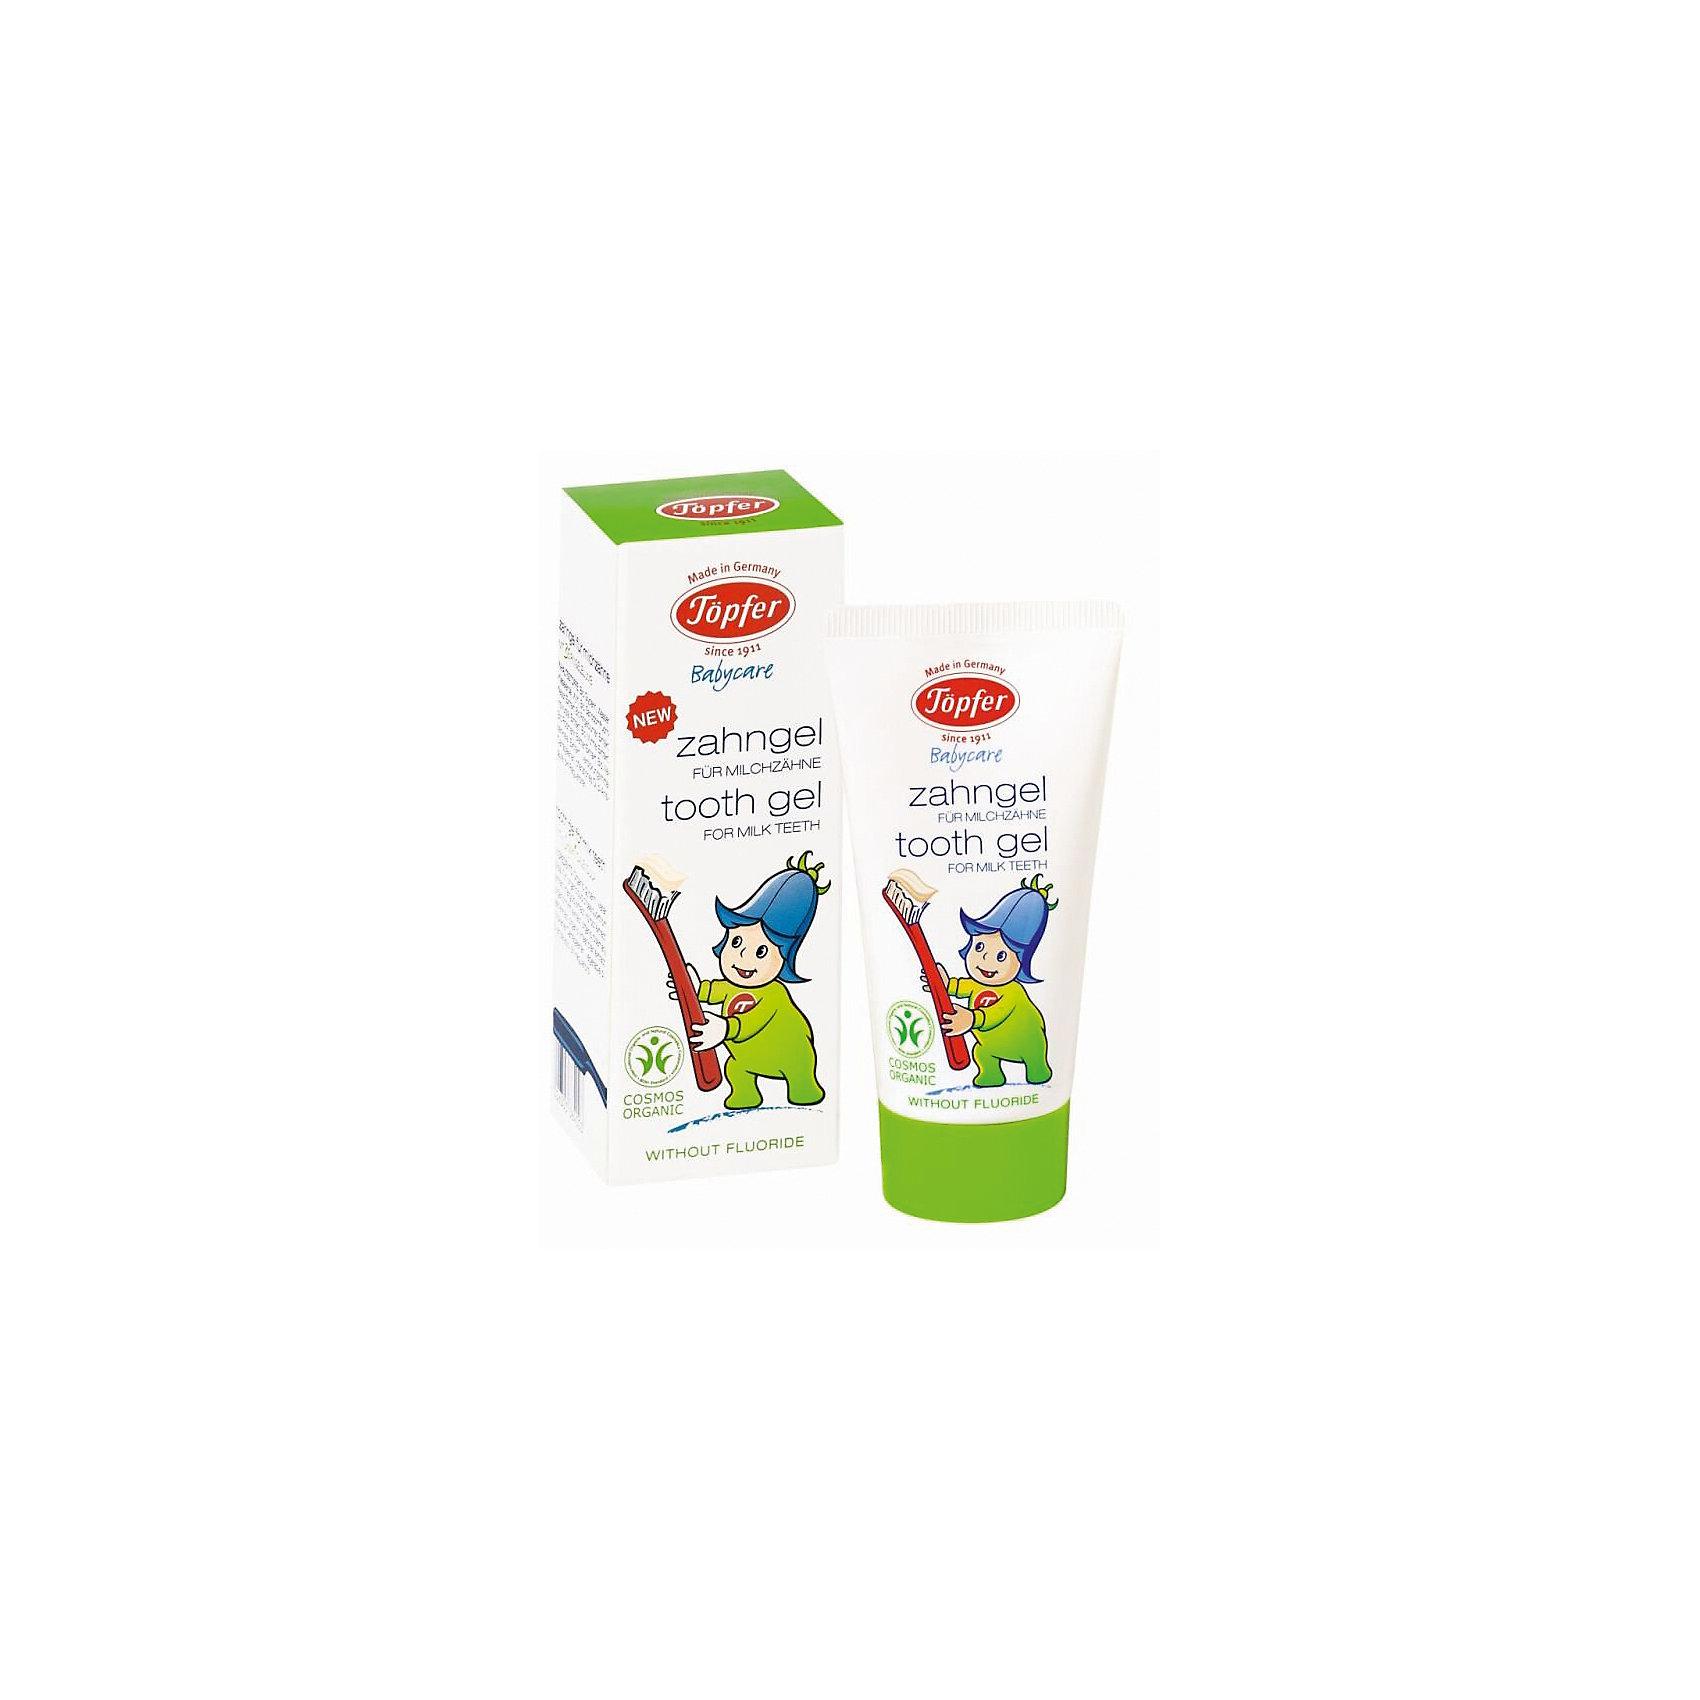 Зубная паста для молочных зубов, 50мл., TopferЗубные пасты<br>Topfer Зубная паста для молочных зубов 50 мл.<br><br>Характеристики:<br><br>• объём: 50мл.<br>• особенности: для детей, натуральные компоненты<br>• для детей в возрасте: от 4 месяцев до 7 лет<br>• страна производитель: Германия<br><br>Более 100 лет немецкая компания натуральной косметики Topfer (Топфер) заботится о малышах, будущих мамах и также природе. Первая в Европе зубная паста для детей с максимальным процентом органических ингридиентов, 60 процентов. В формулу зубной пасты не входят фторы, консерванты, красители или ненатуральные ароматизаторы. <br><br>С помощью травяных экстрактов зубная паста обладает антисептическими, противовоспаляющими, заживляющими, успокаивающими и не только свойствами. Благодаря ксилитолу снижается риск появления кариеса, паста обладает легким натуральным вкусом. В составе нет ментола или фтора, поэтому паста безопасна при проглатывании. Рекомендуется чистить зубки малыша один раз в день на первом году жизни и два со второго года. Вы полюбите чистить зубки с серией средств для детей от Topfer (Топфер)! <br><br>Зубную пасту для молочных зубов 50 мл. Topfer можно купить в нашем интернет-магазине<br><br>Ширина мм: 250<br>Глубина мм: 100<br>Высота мм: 250<br>Вес г: 50<br>Возраст от месяцев: 36<br>Возраст до месяцев: 84<br>Пол: Унисекс<br>Возраст: Детский<br>SKU: 5407656